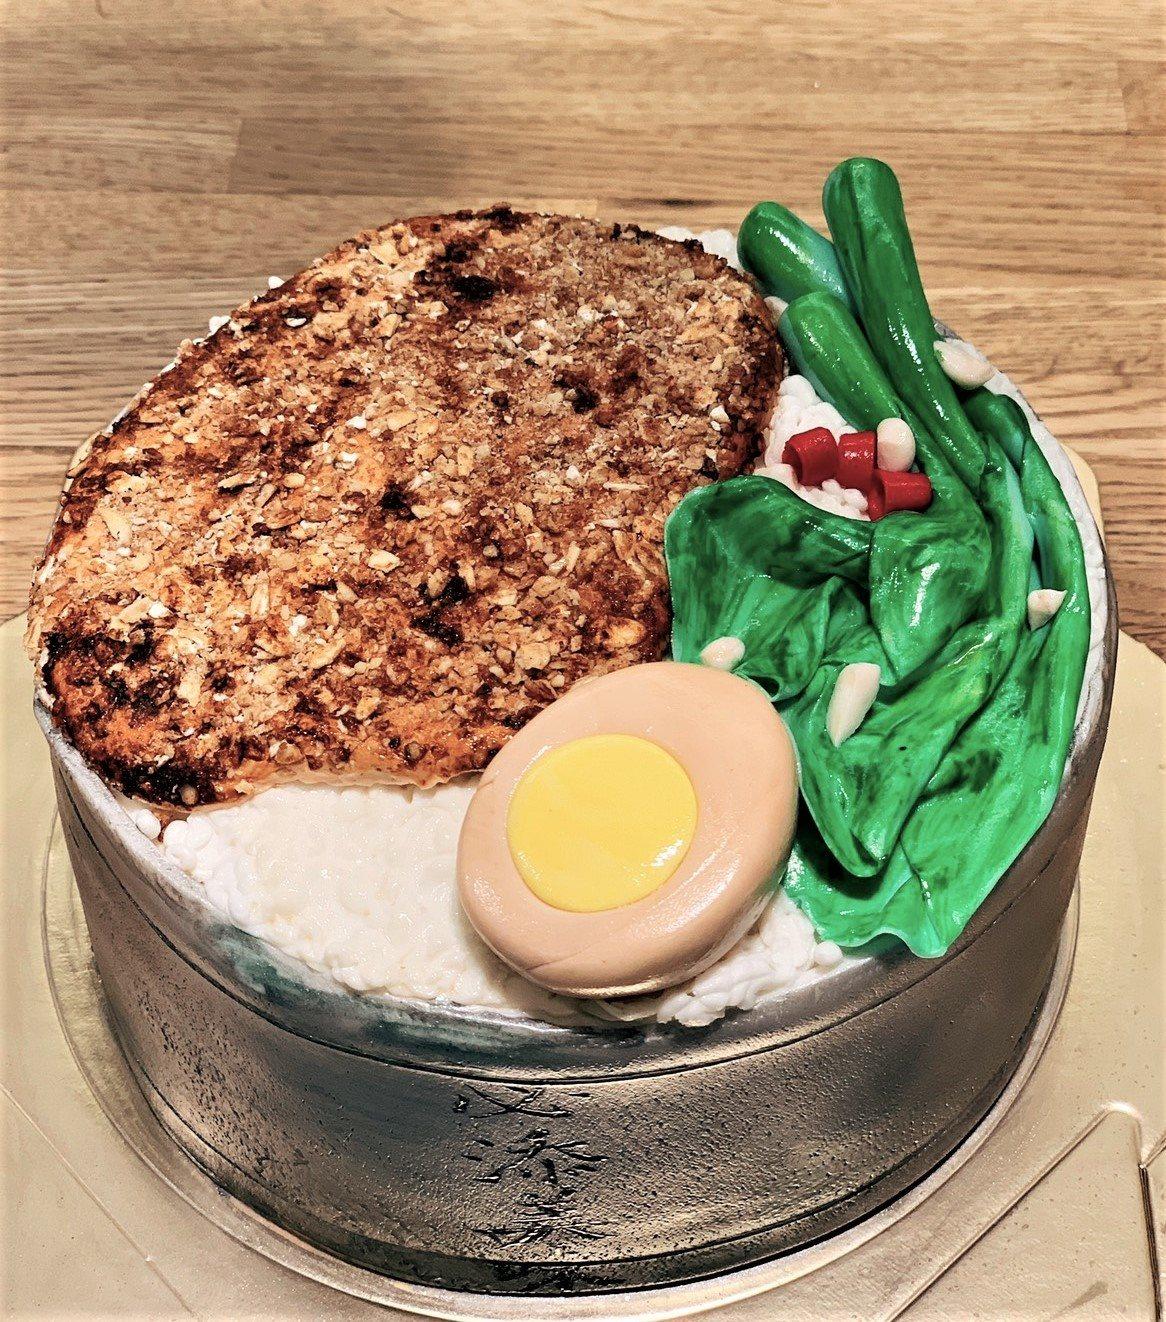 劉曉萍的豬排便當翻糖蛋糕精緻逼真。 圖/劉曉萍 提供